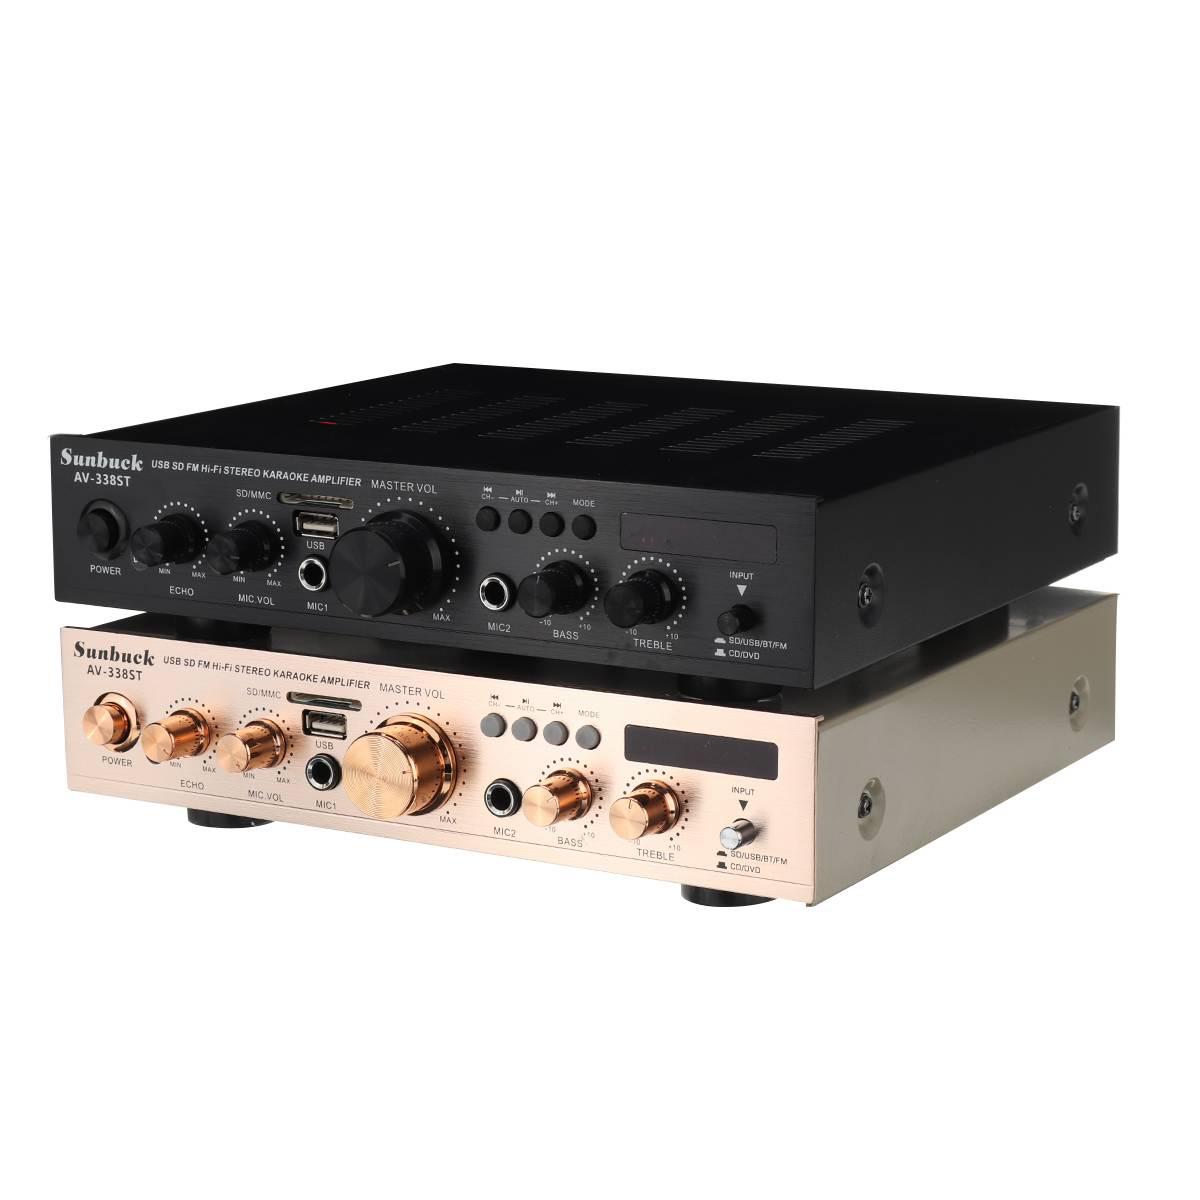 цифровой hi-fi стерео усилитель мощности sunbuck av-338st, 60 вт на канал, 5-канальный (4.1)